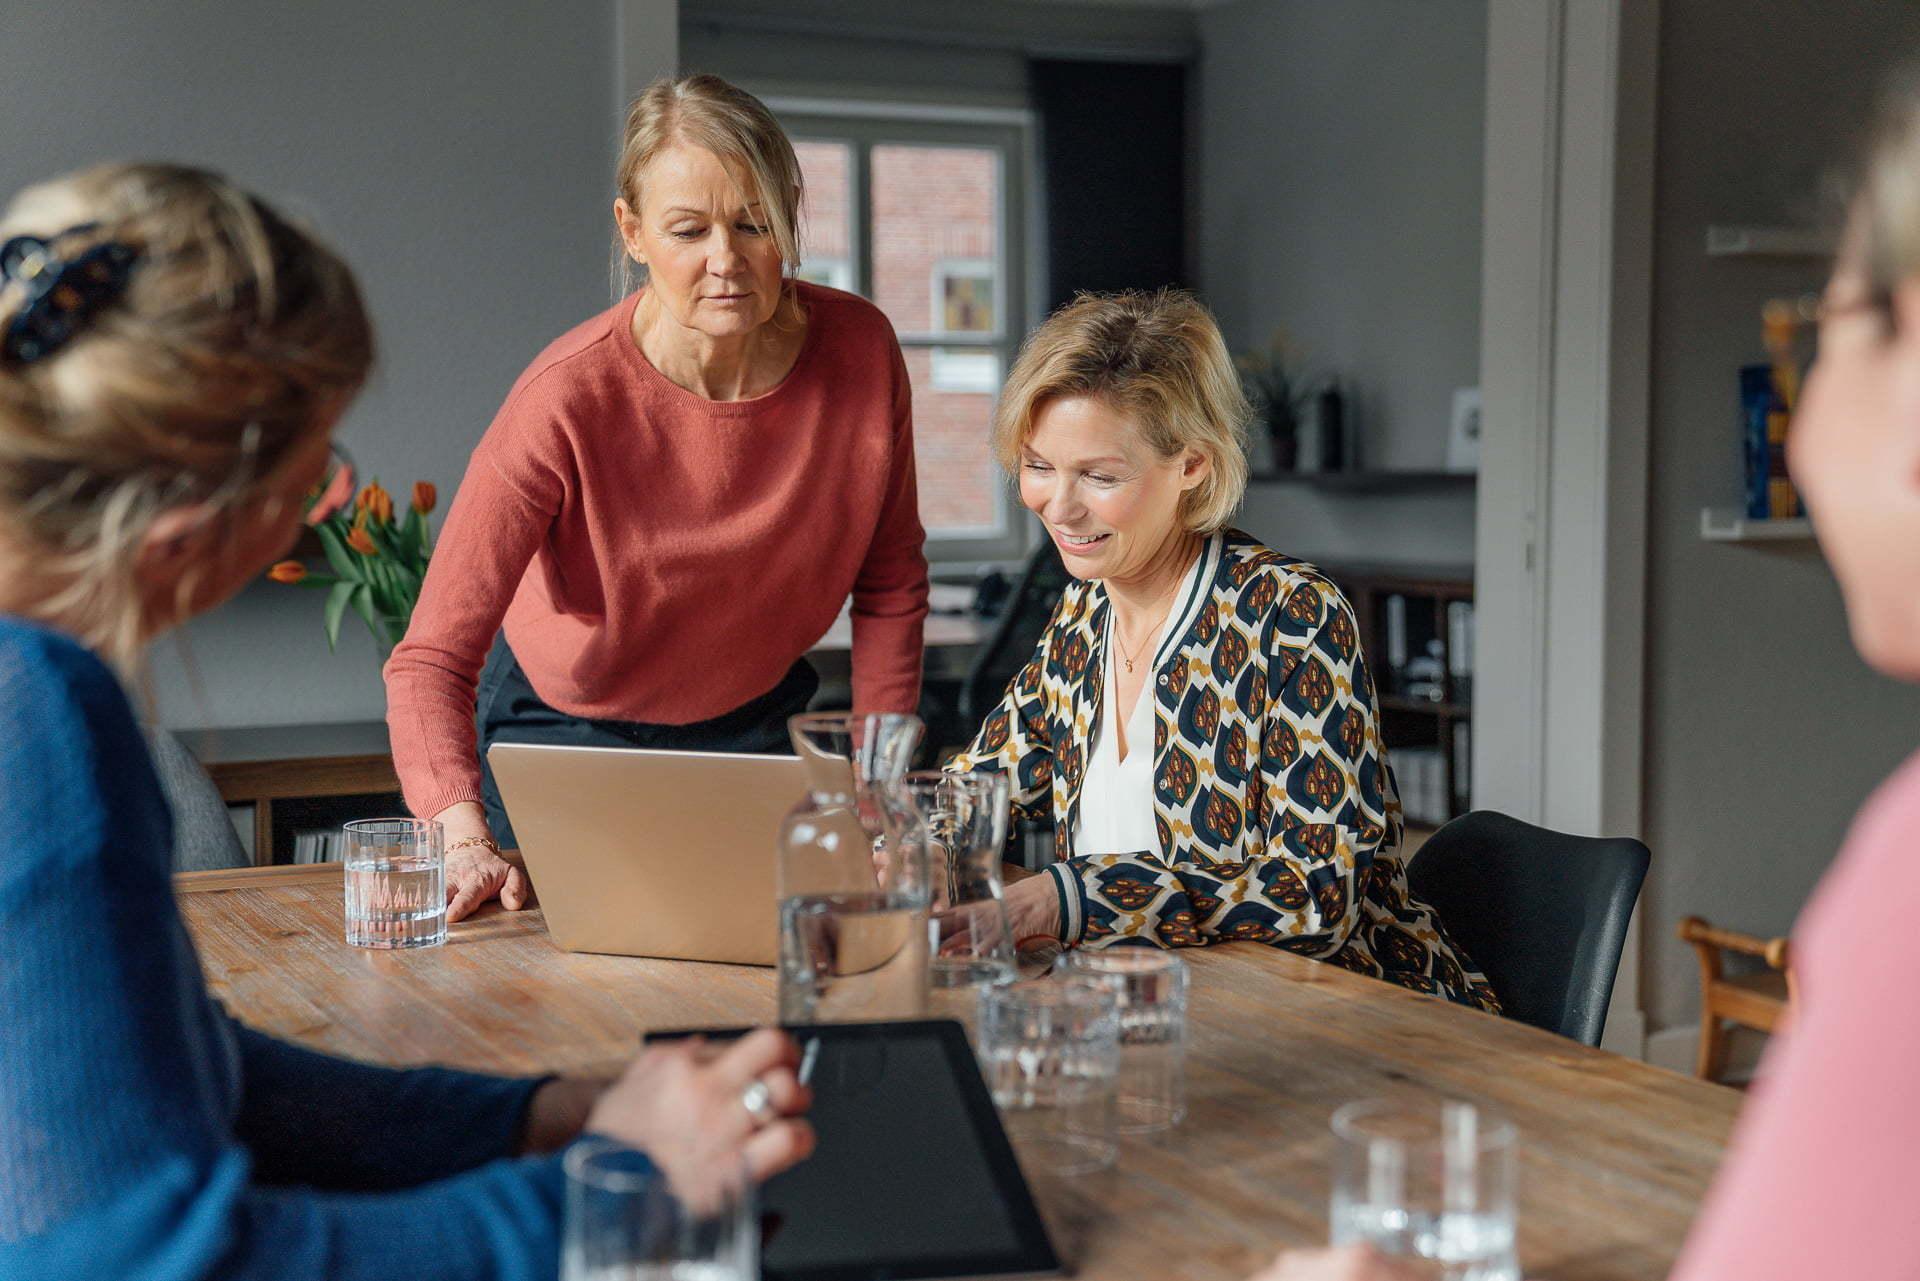 Meetingsituation mit vier Menschen während eines Fotoshootings